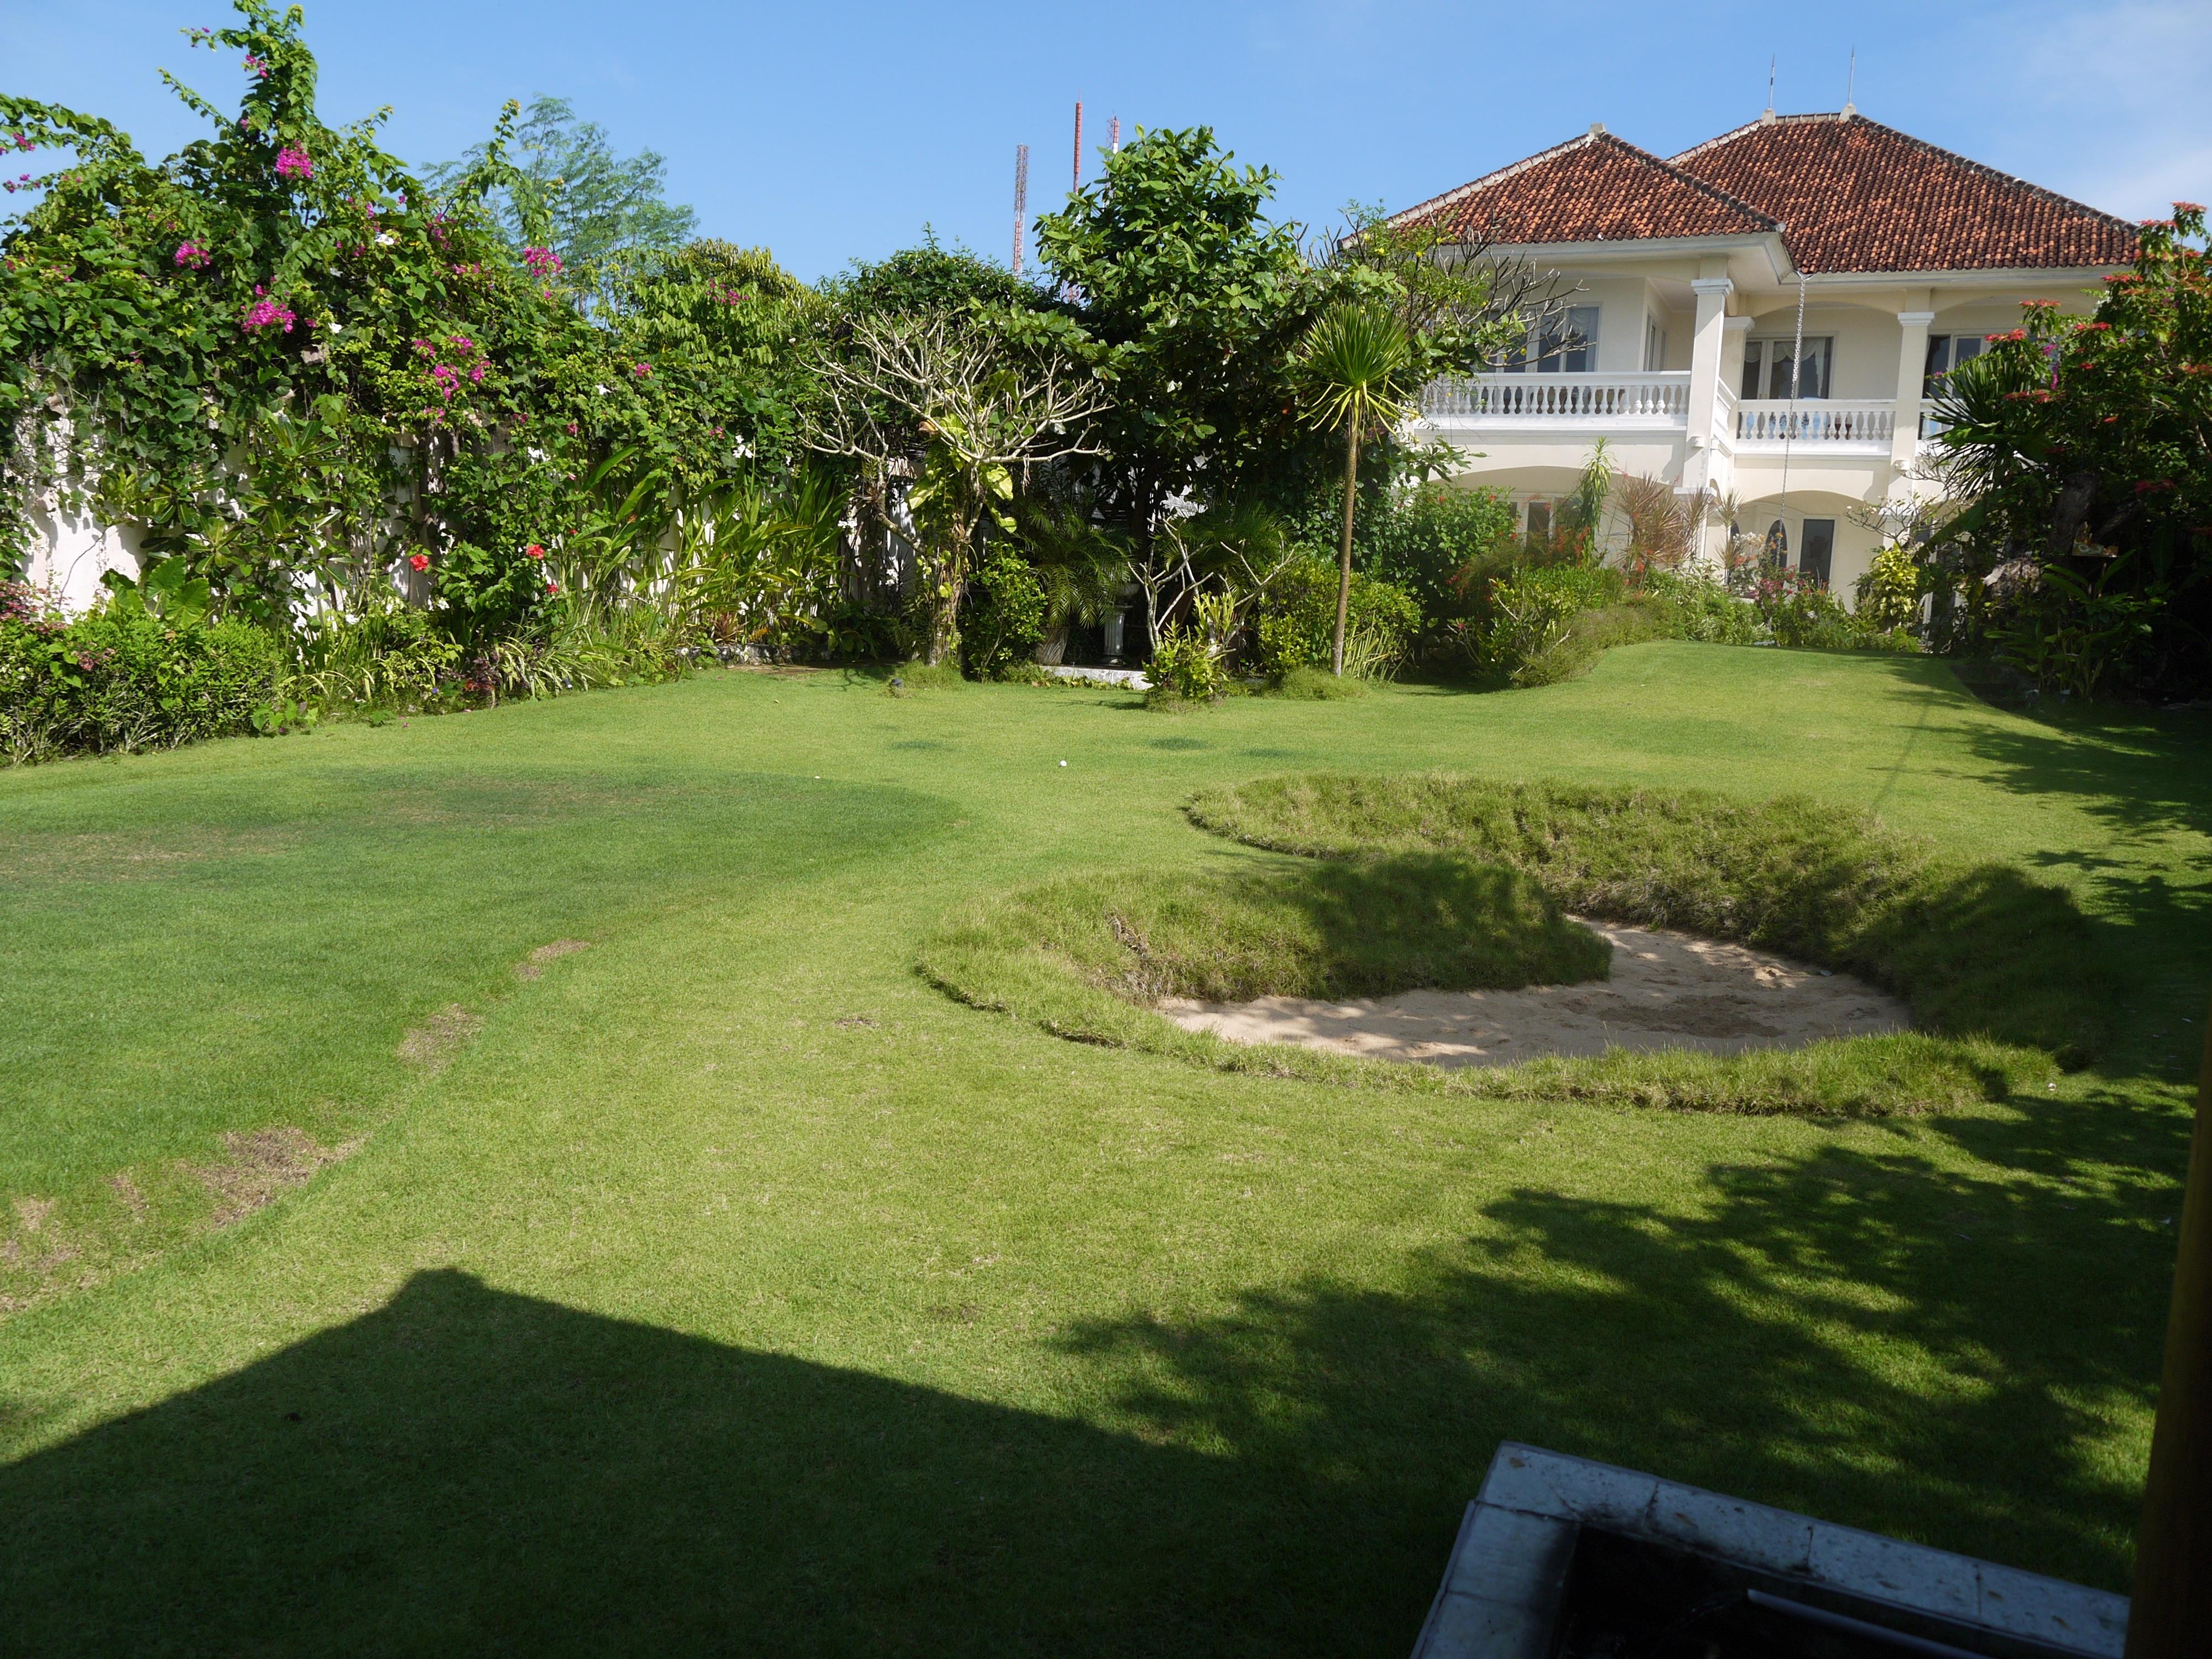 maison villa club location vacances maison ramatuelle with maison villa club maison vendre. Black Bedroom Furniture Sets. Home Design Ideas